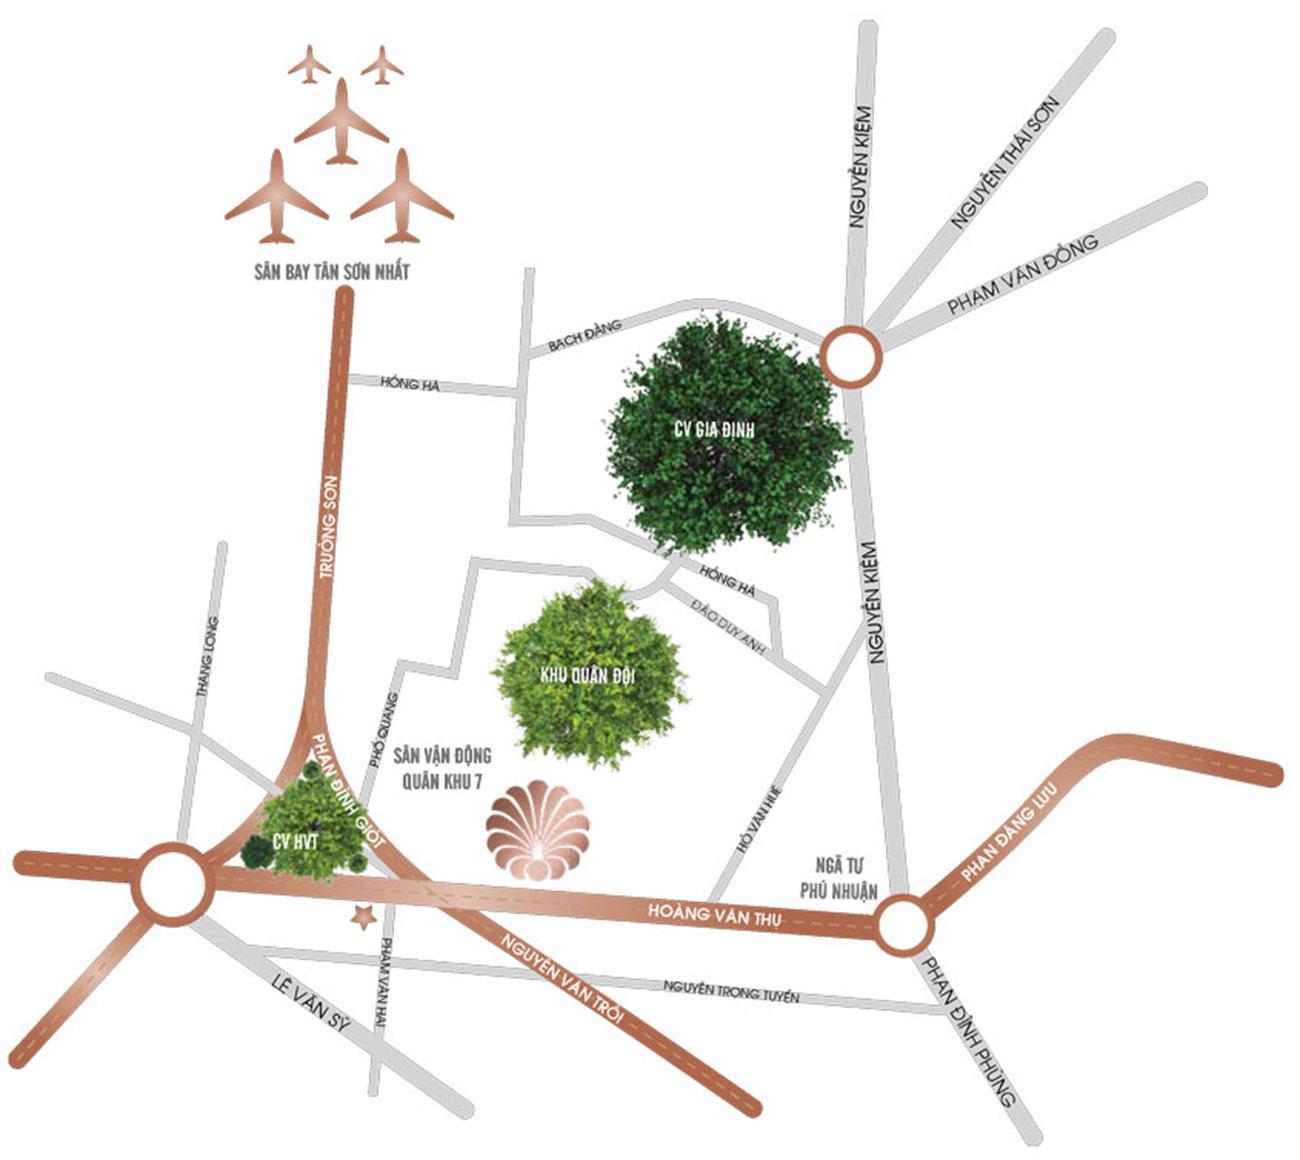 Vị trí dự án căn hộ Officetel Charmington Tân Sơn Nhất